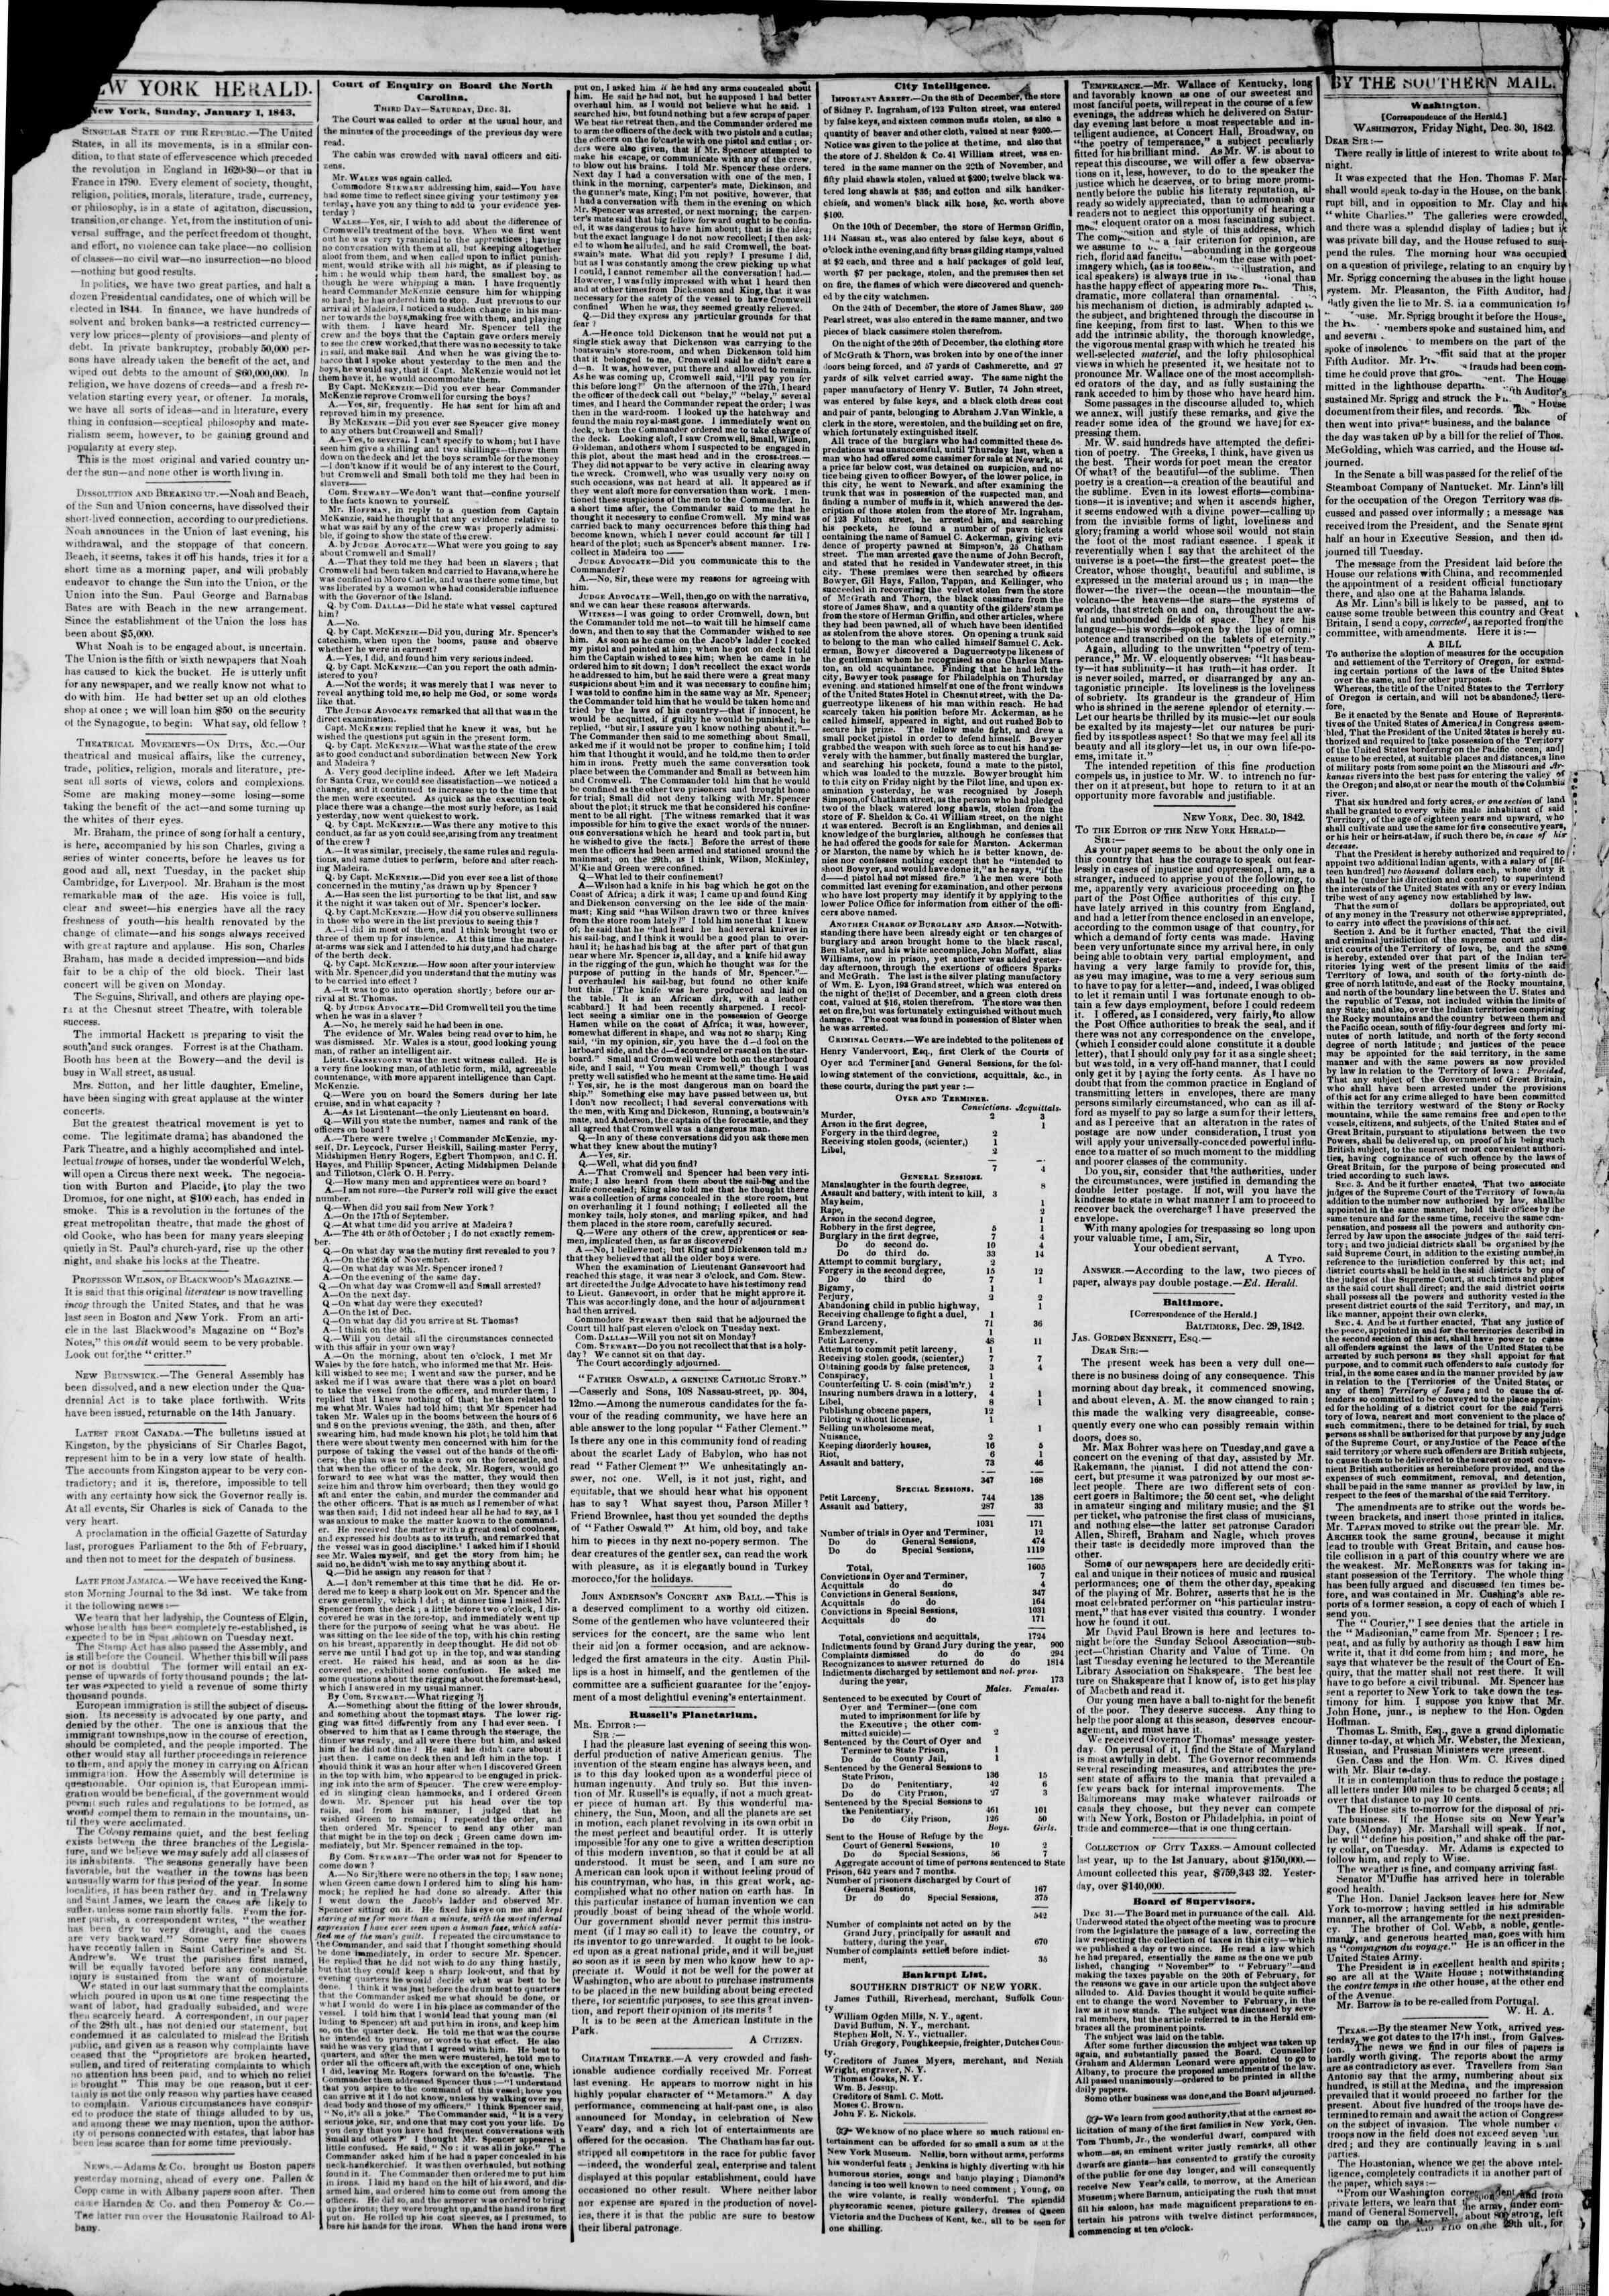 1 Ocak 1843 Tarihli The New York Herald Gazetesi Sayfa 2